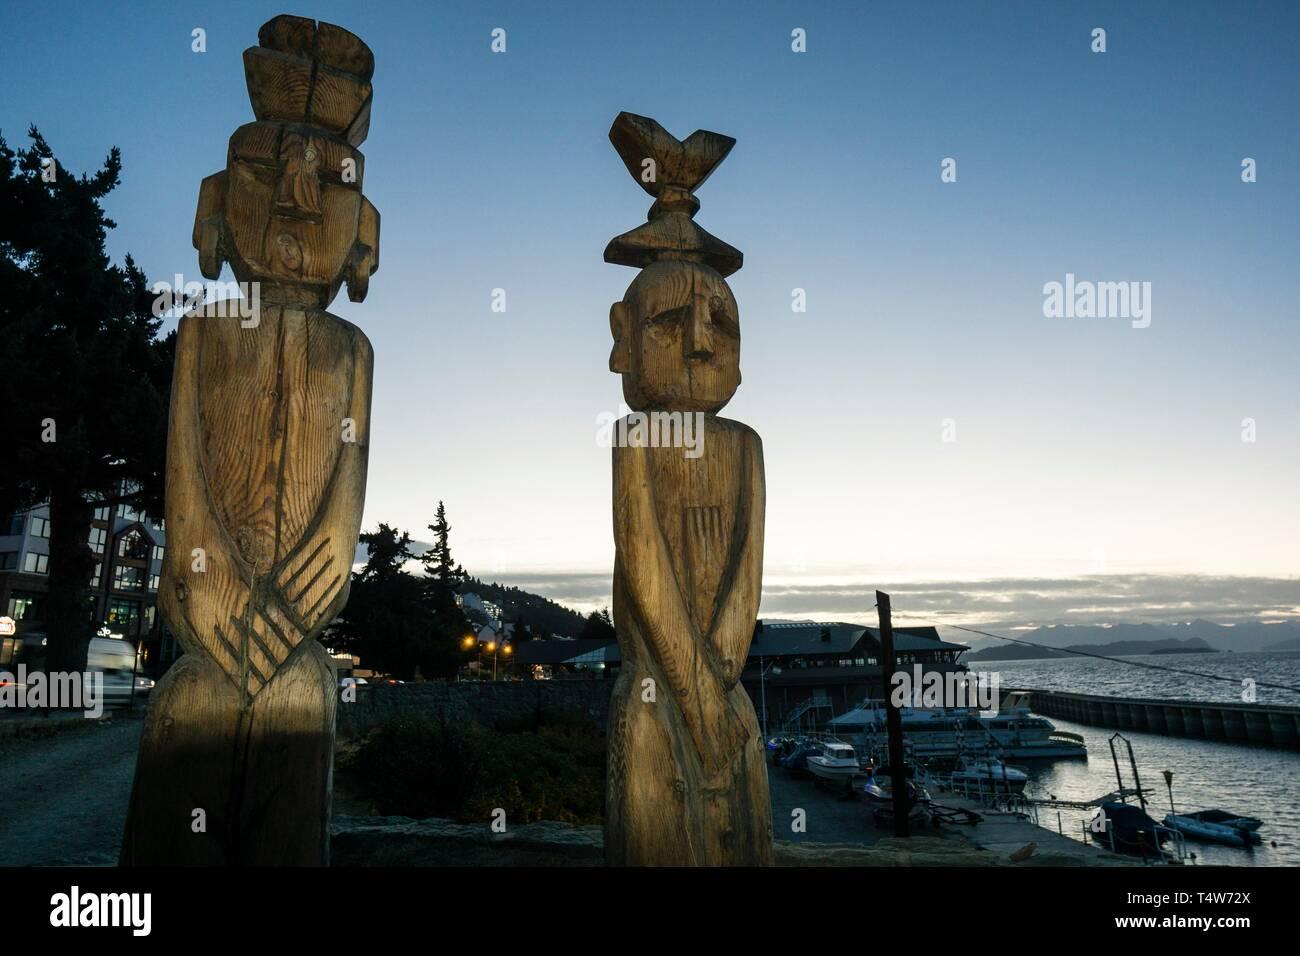 Chemamules los hombres de madera, obra de Bernardo Oyarzún, San Carlos de Bariloche .provincia de Río Negro, republica Argentina,Patagonia, cono sur, South America. - Stock Image